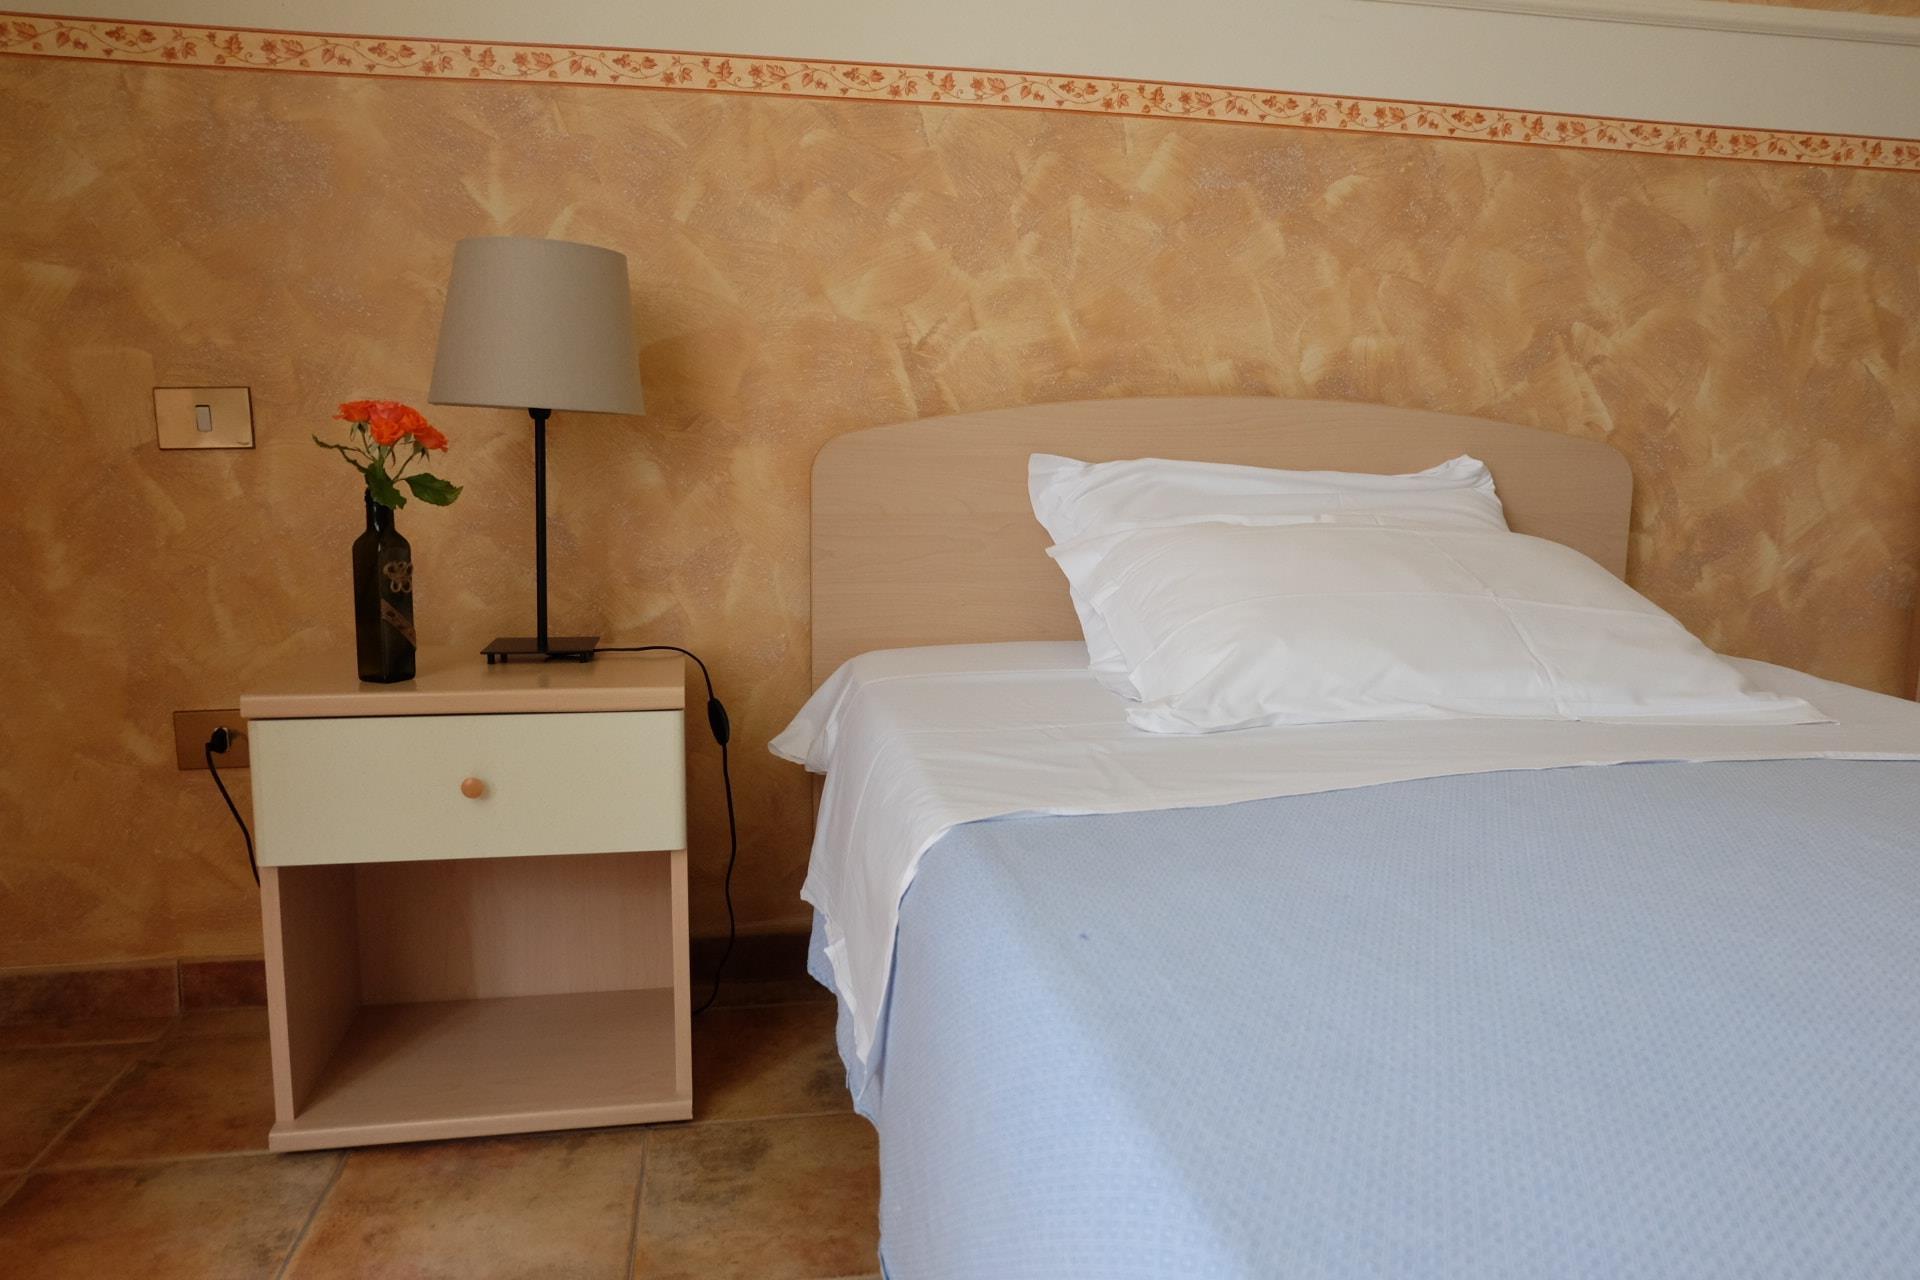 galleria foto camere hostel il tetto melfi ostello dormire soggiorno vacanze basilicata9